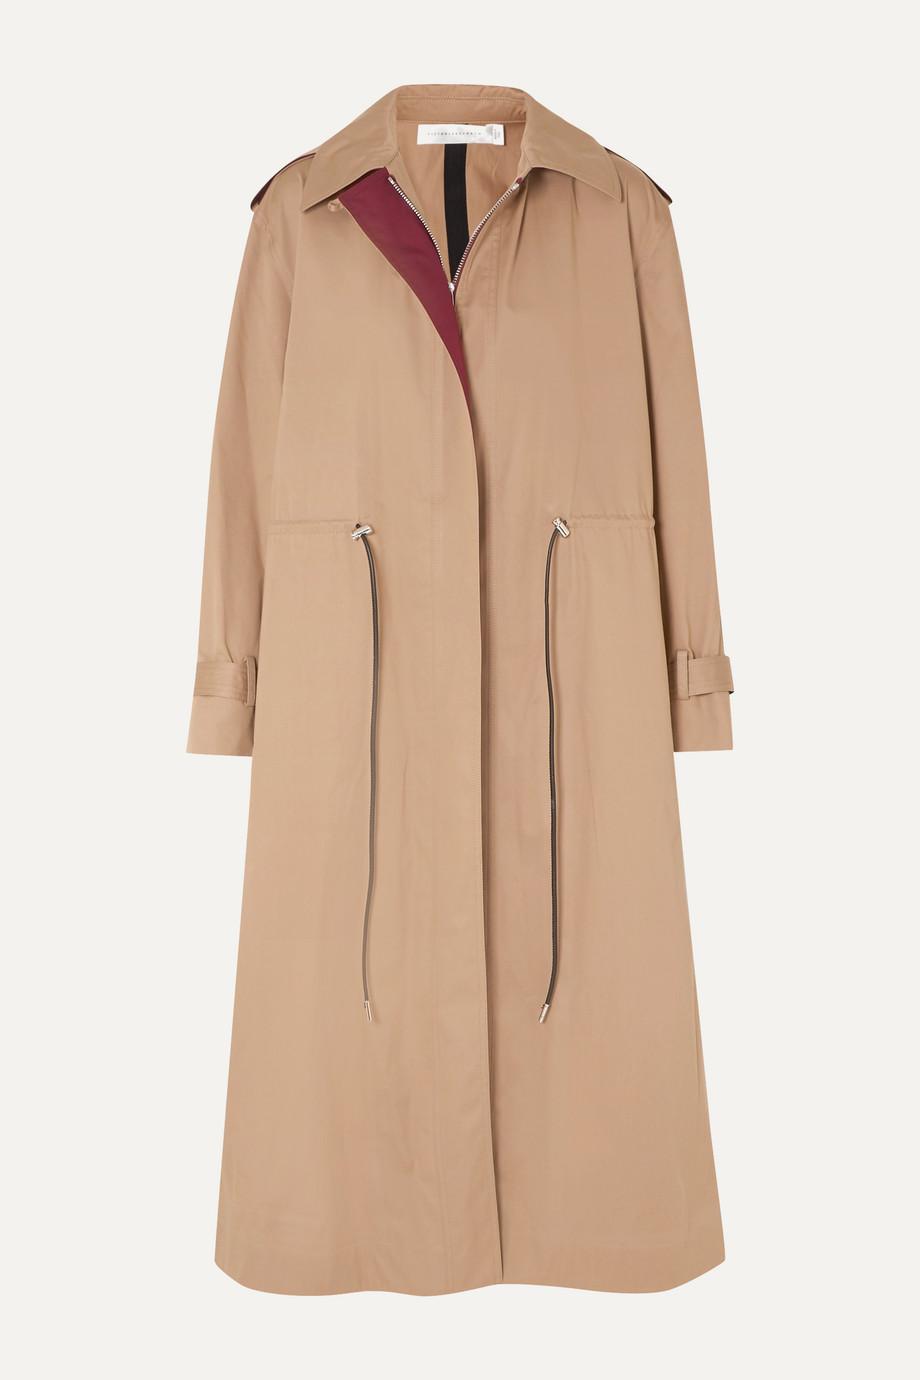 Victoria Beckham Trench-coat oversize en gabardine de coton mélangé à cordons de serrage